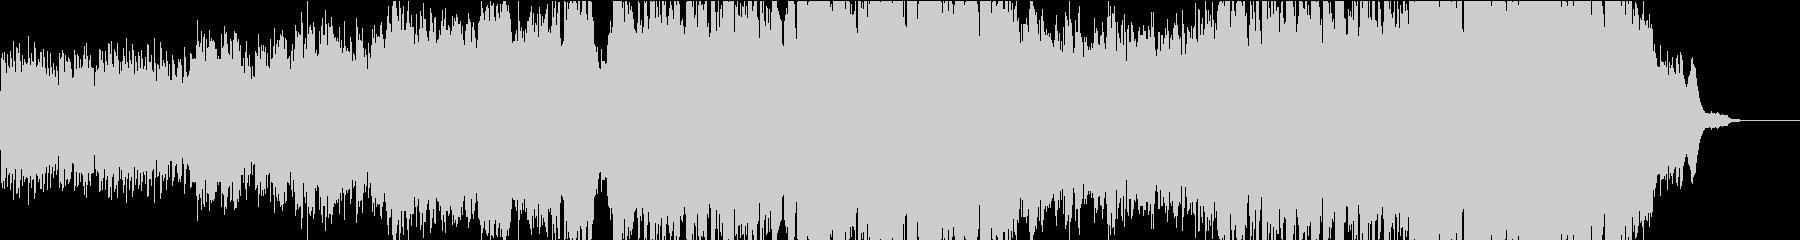 ハリウッド風ピアノ+オケ1フル版の未再生の波形